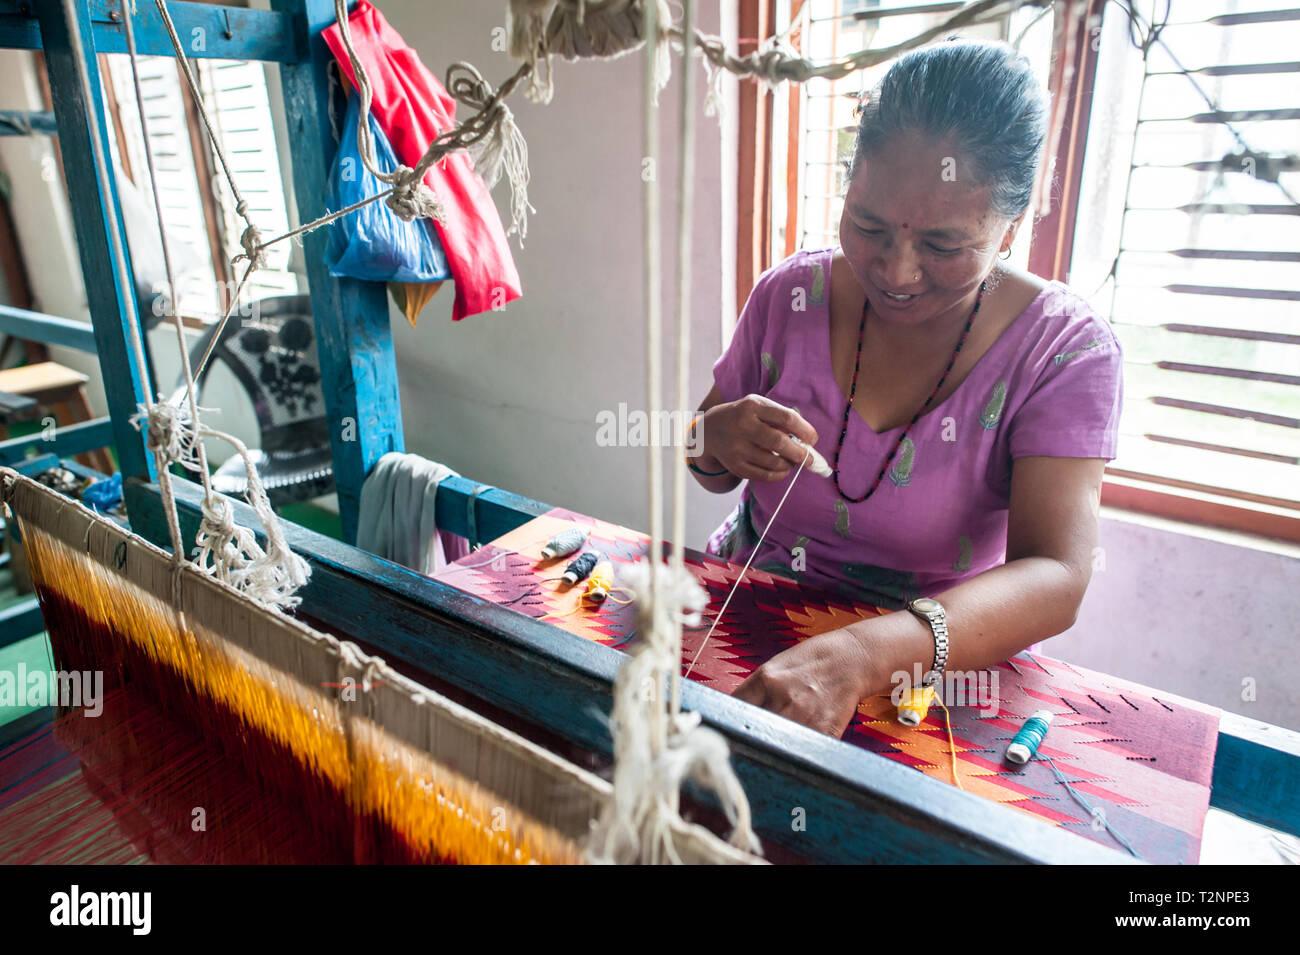 Ein Nepali Frau sticken Seide und Wolle pashmina Schals von Webstuhl, W.F. Nepal, eine nichtstaatliche Organisation, die Beschäftigung von marginalisierten Frauen auf einer gleichberechtigten Basis. Stockbild